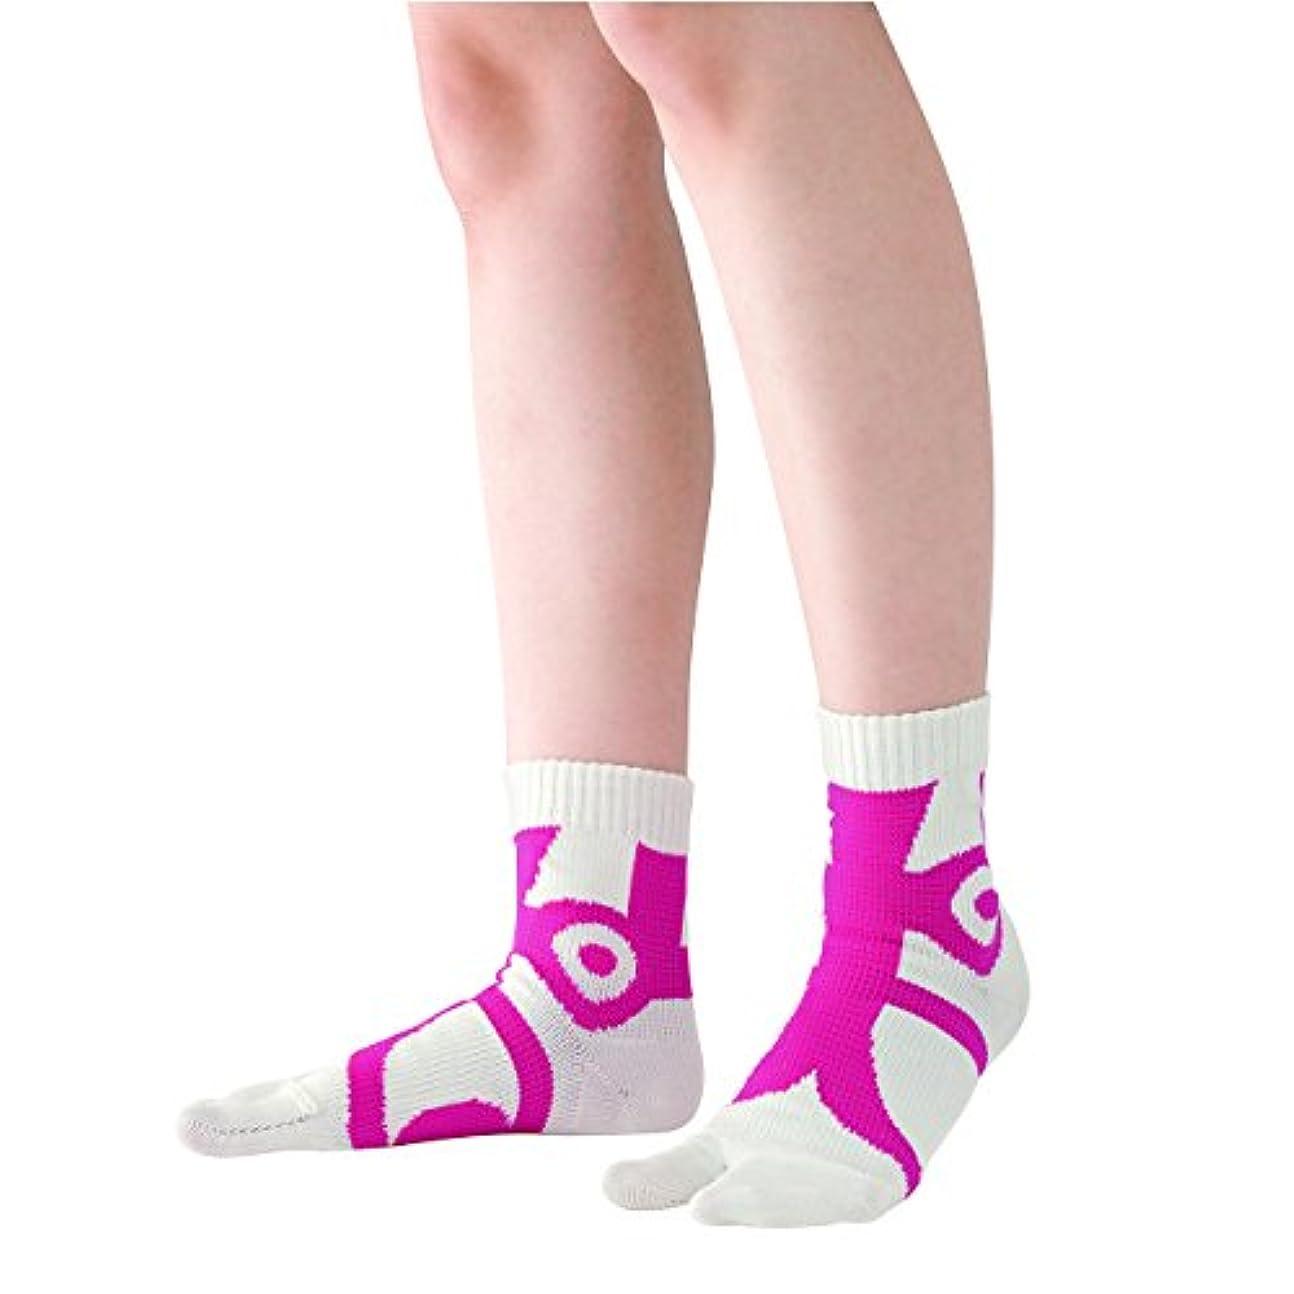 石膏バン溶けた快歩テーピング靴下 ホワイト×ピンク